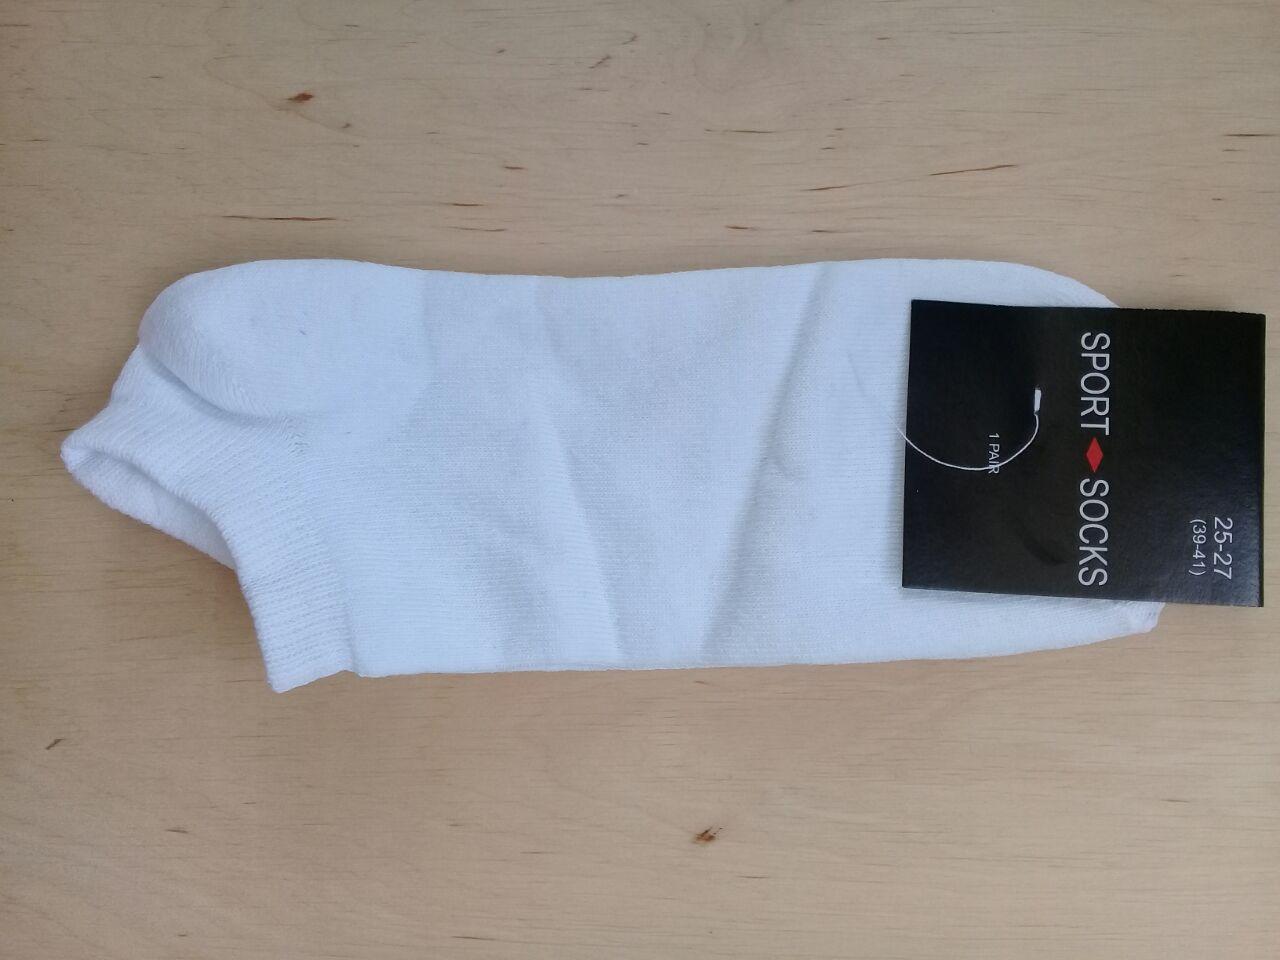 Носки мужские ультра короткие  стрейчевые Житомир размер 25-27(39-42) белые